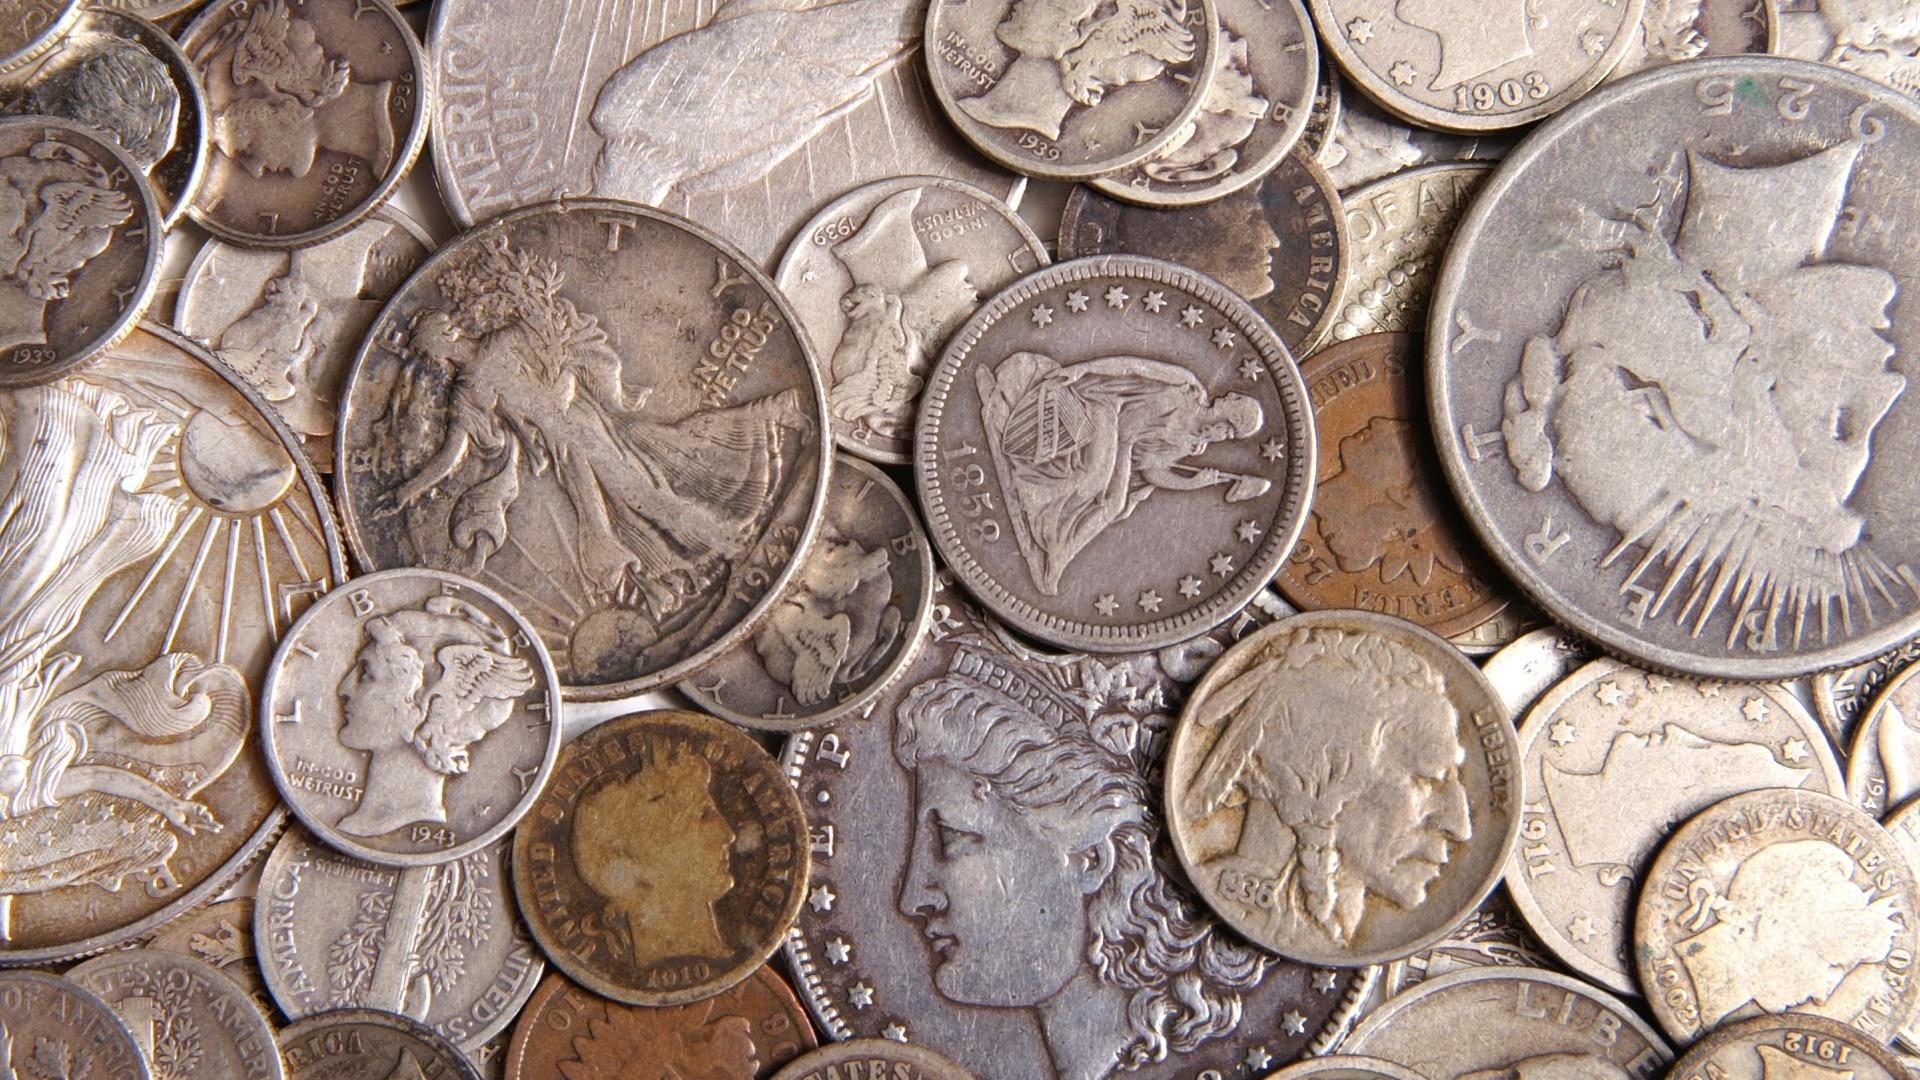 лошади фото старинных монет дорогих и вещей ручного